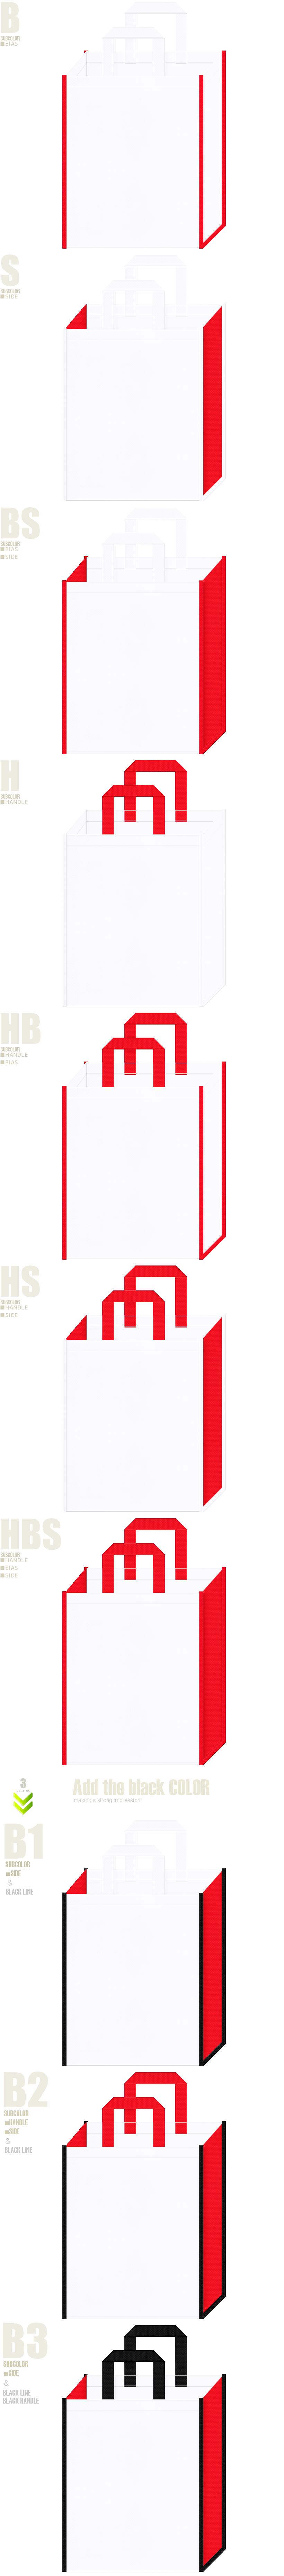 白色と赤色の不織布トートバッグのデザイン。病院・医療セミナー・献血キャンペーン・救急用品の保冷袋にお奨めです。